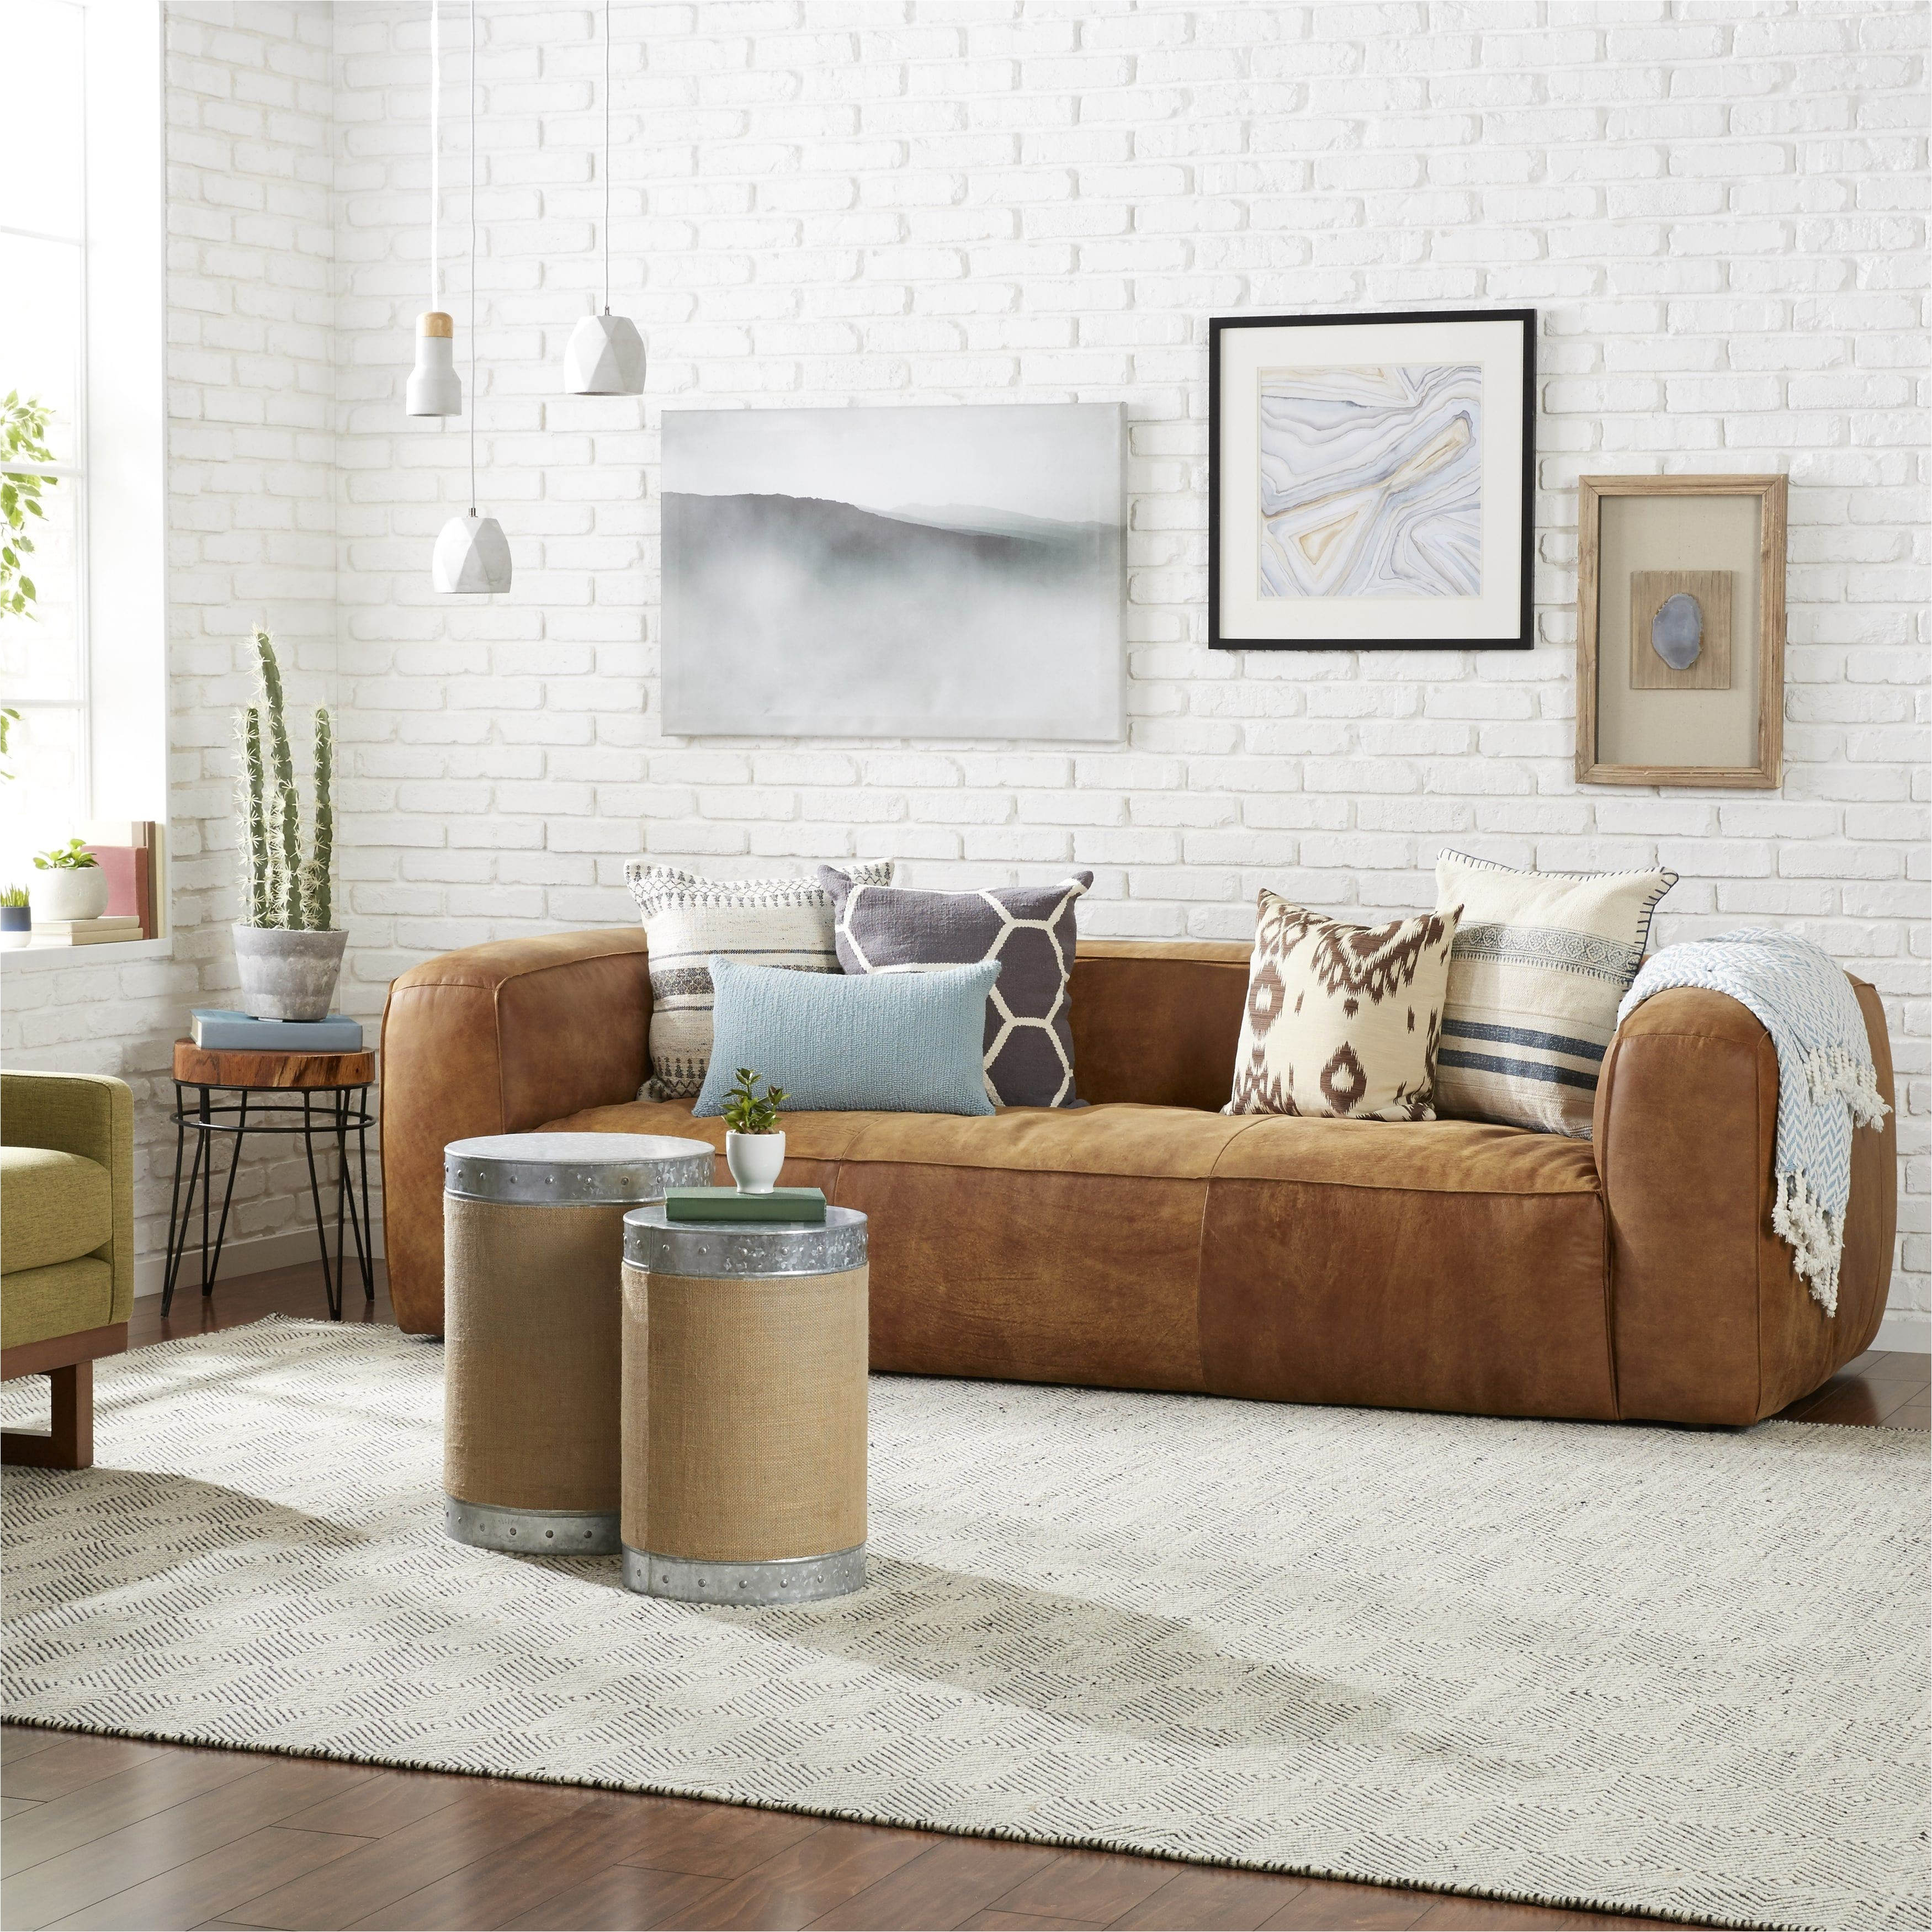 modern couches30 1513805593 jpg